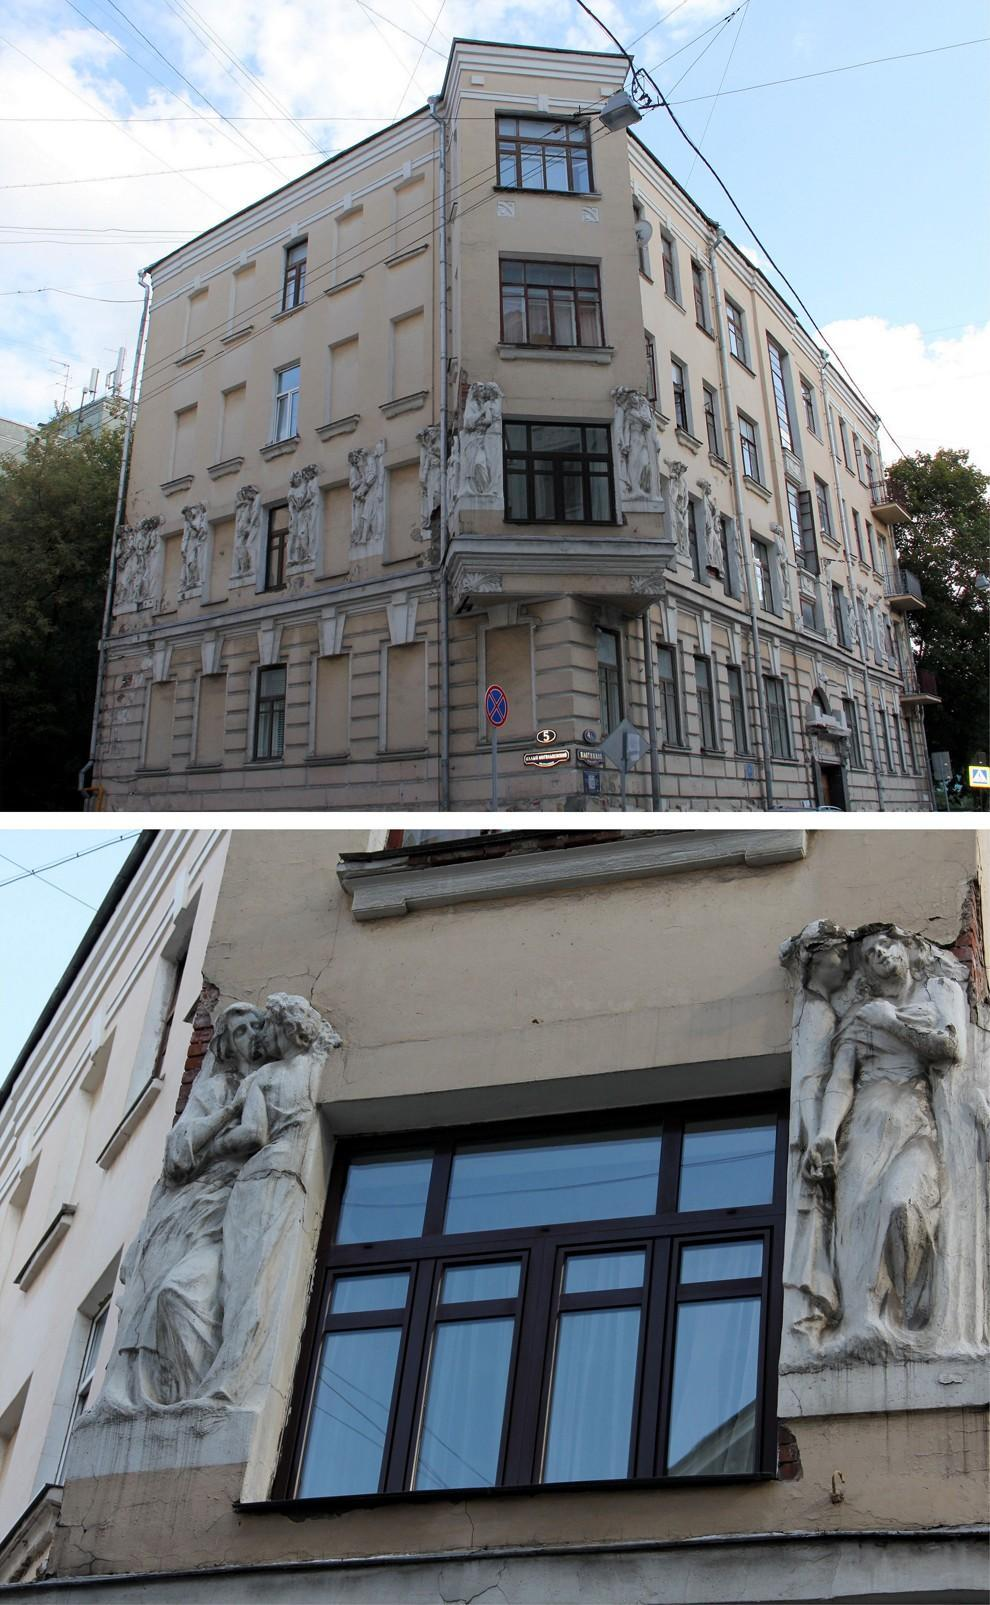 Tolstoy06 7 главных московских зданий из романов Льва Толстого